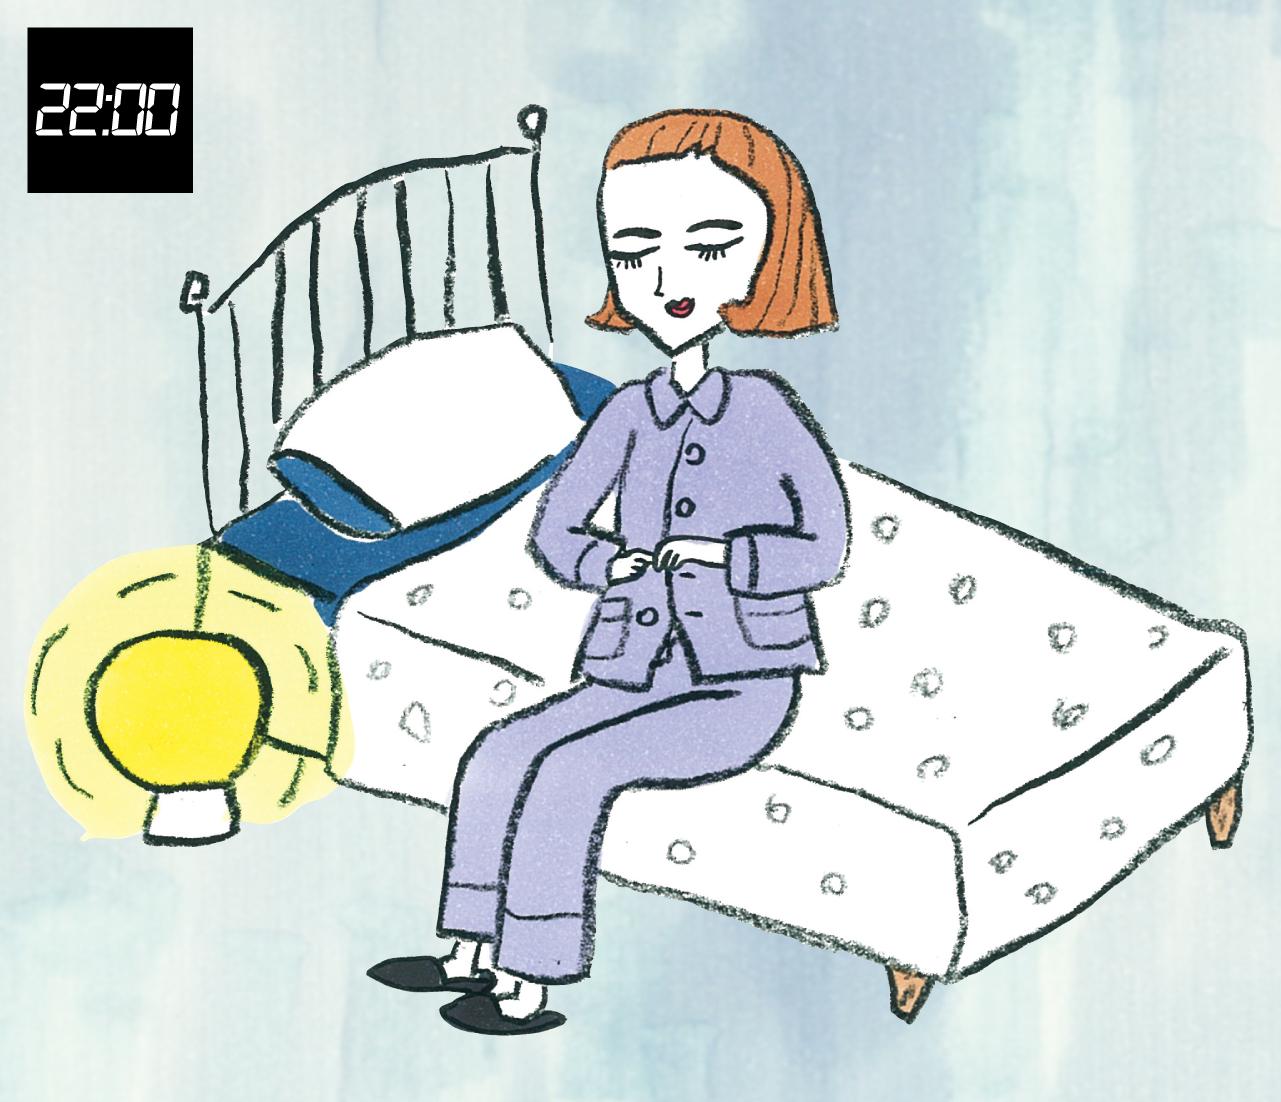 22:00 寝る1時間ほど前の入眠儀式で副交感神経優位にスムーズに移行